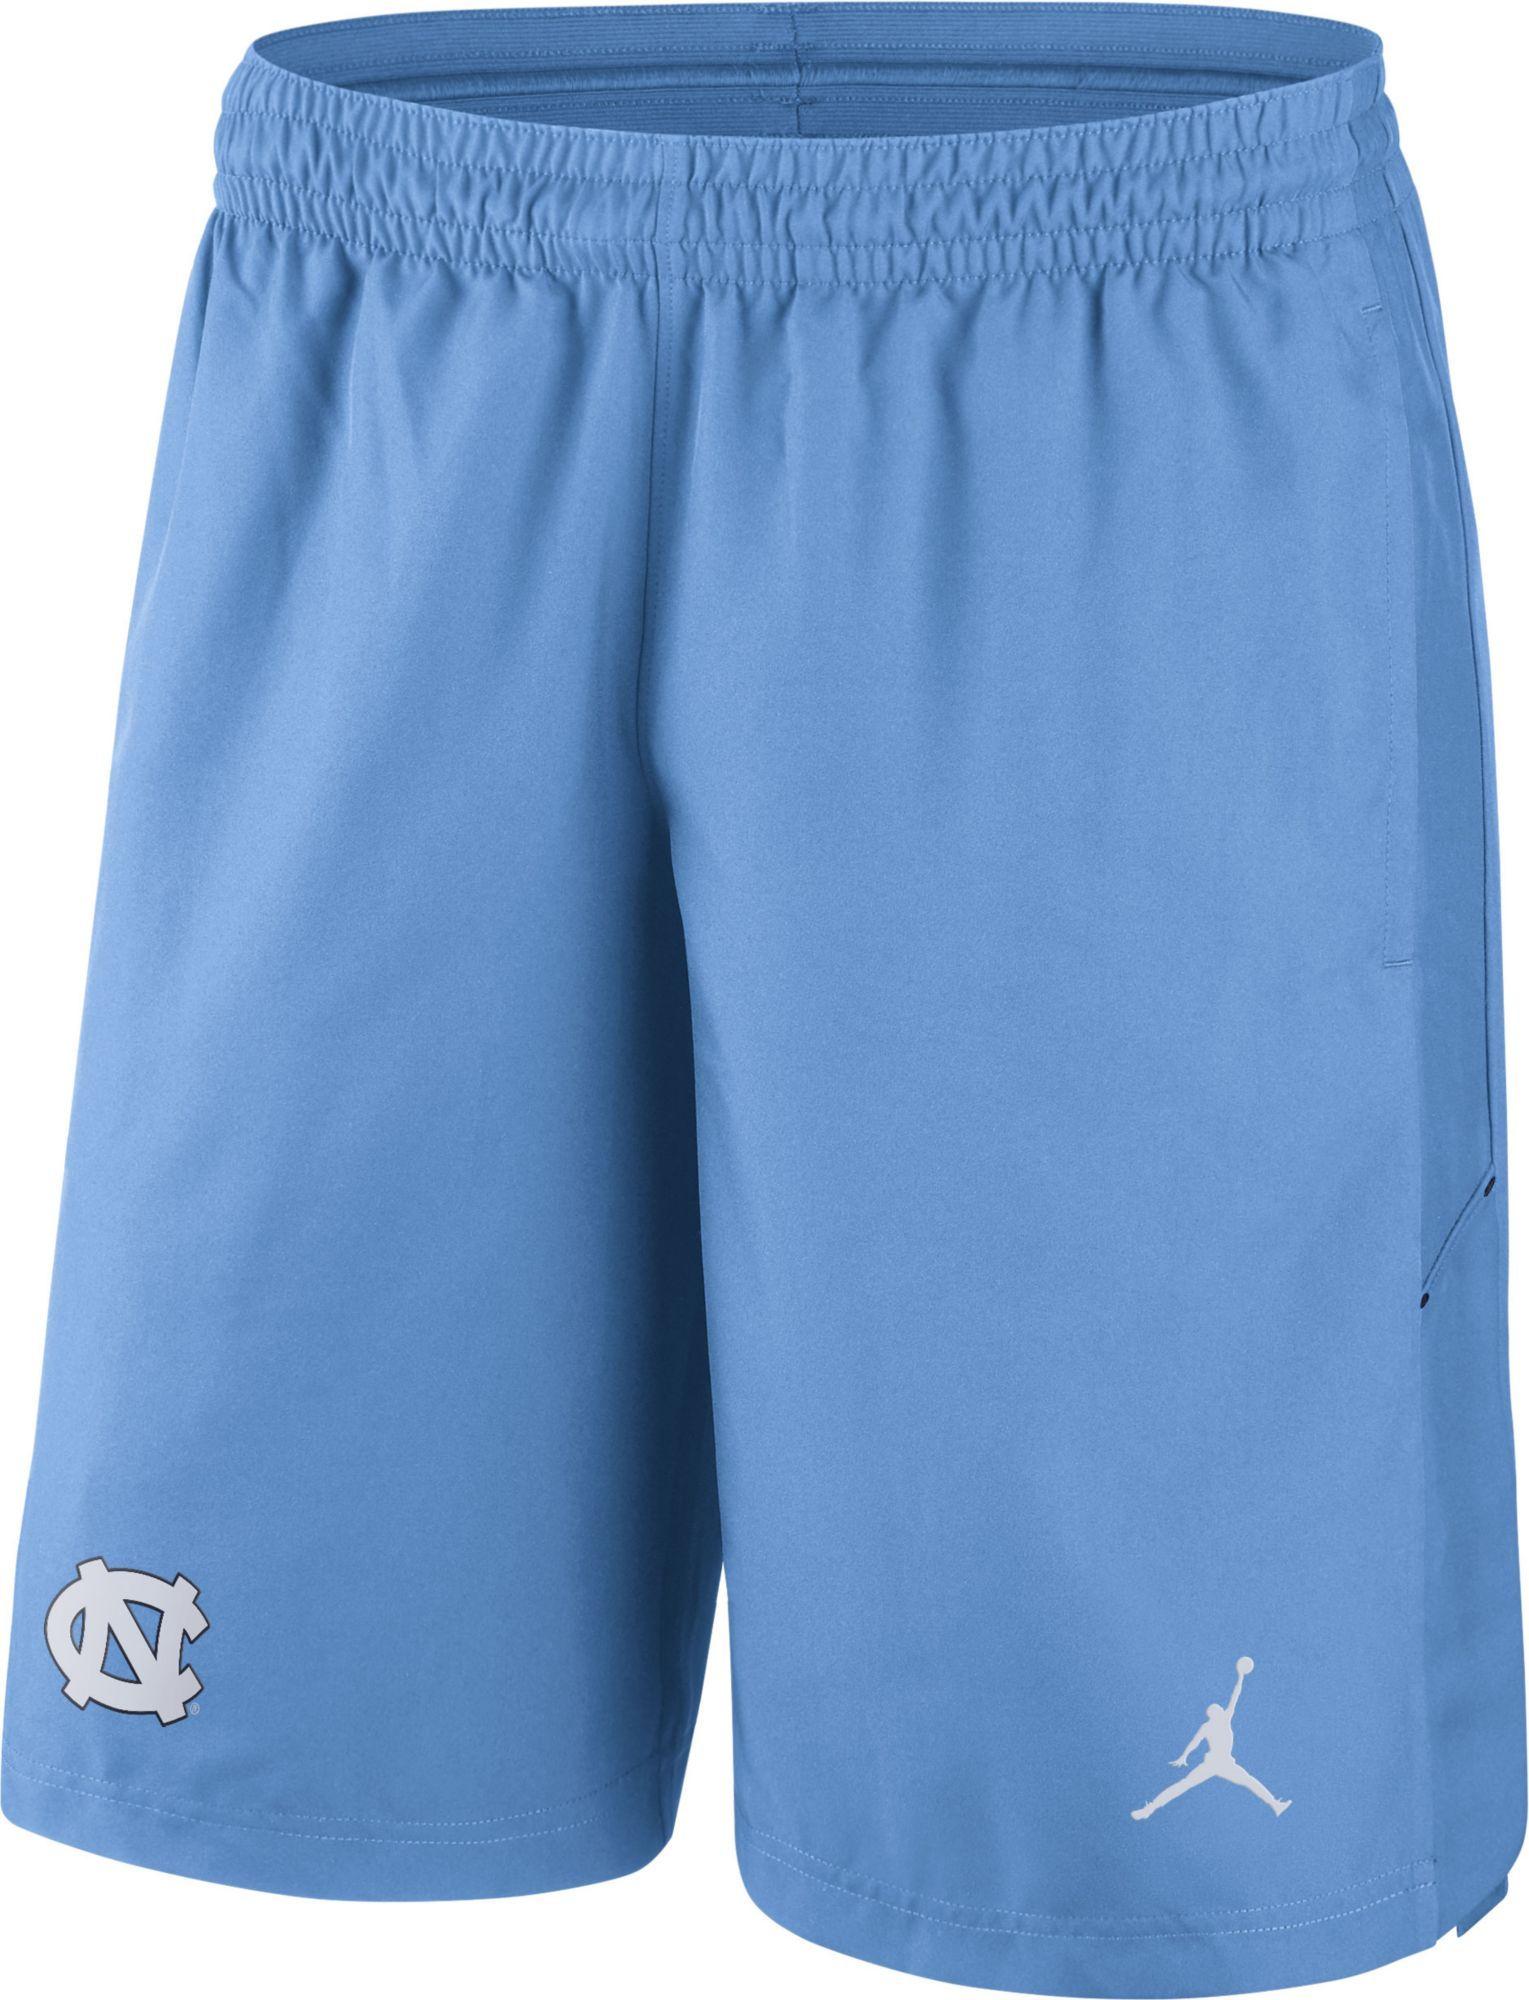 361ead080d1 Jordan Men's North Carolina Tar Heels Navy Fly Knit Football Shorts, Size:  Medium, Team